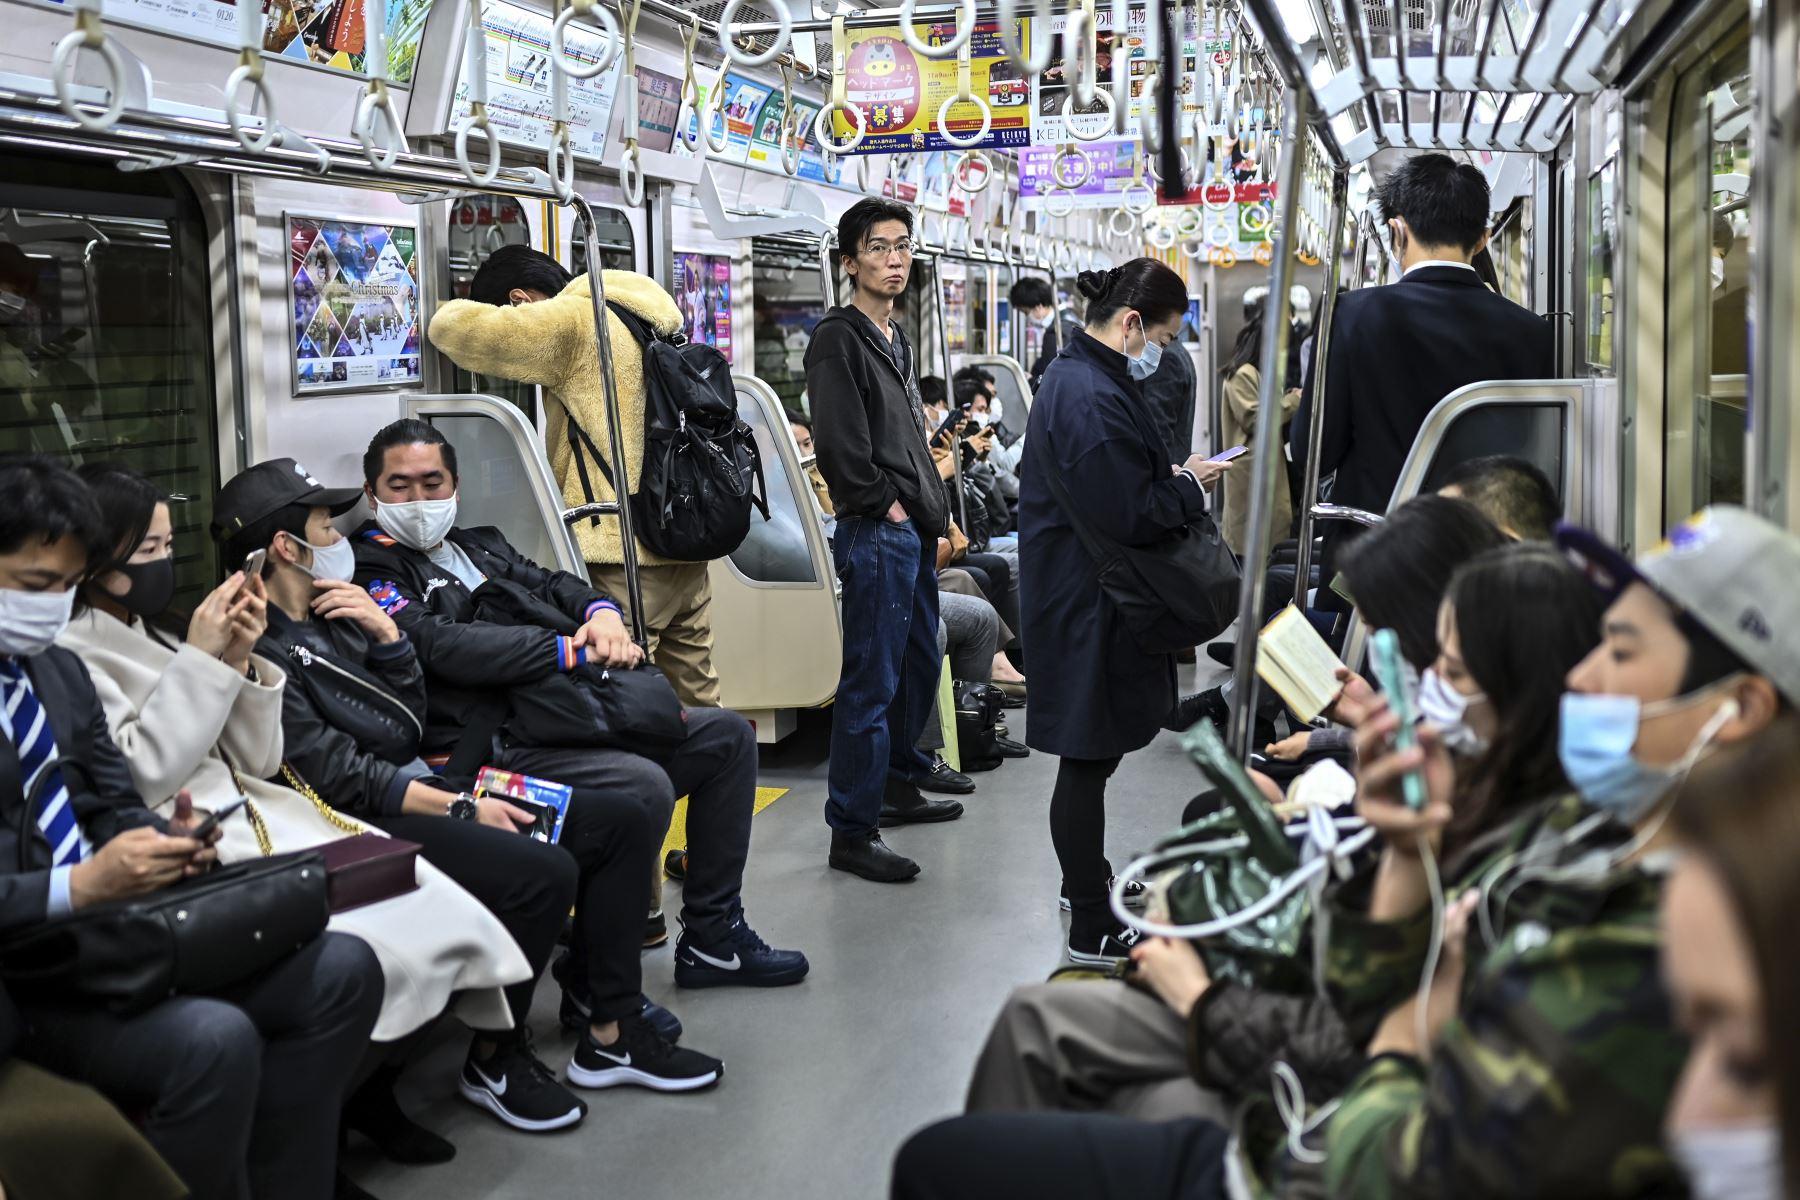 Las personas que usan mascarillas como medida preventiva ante el coronavirus, viajan a última hora de la noche en Tokio. Foto: AFP